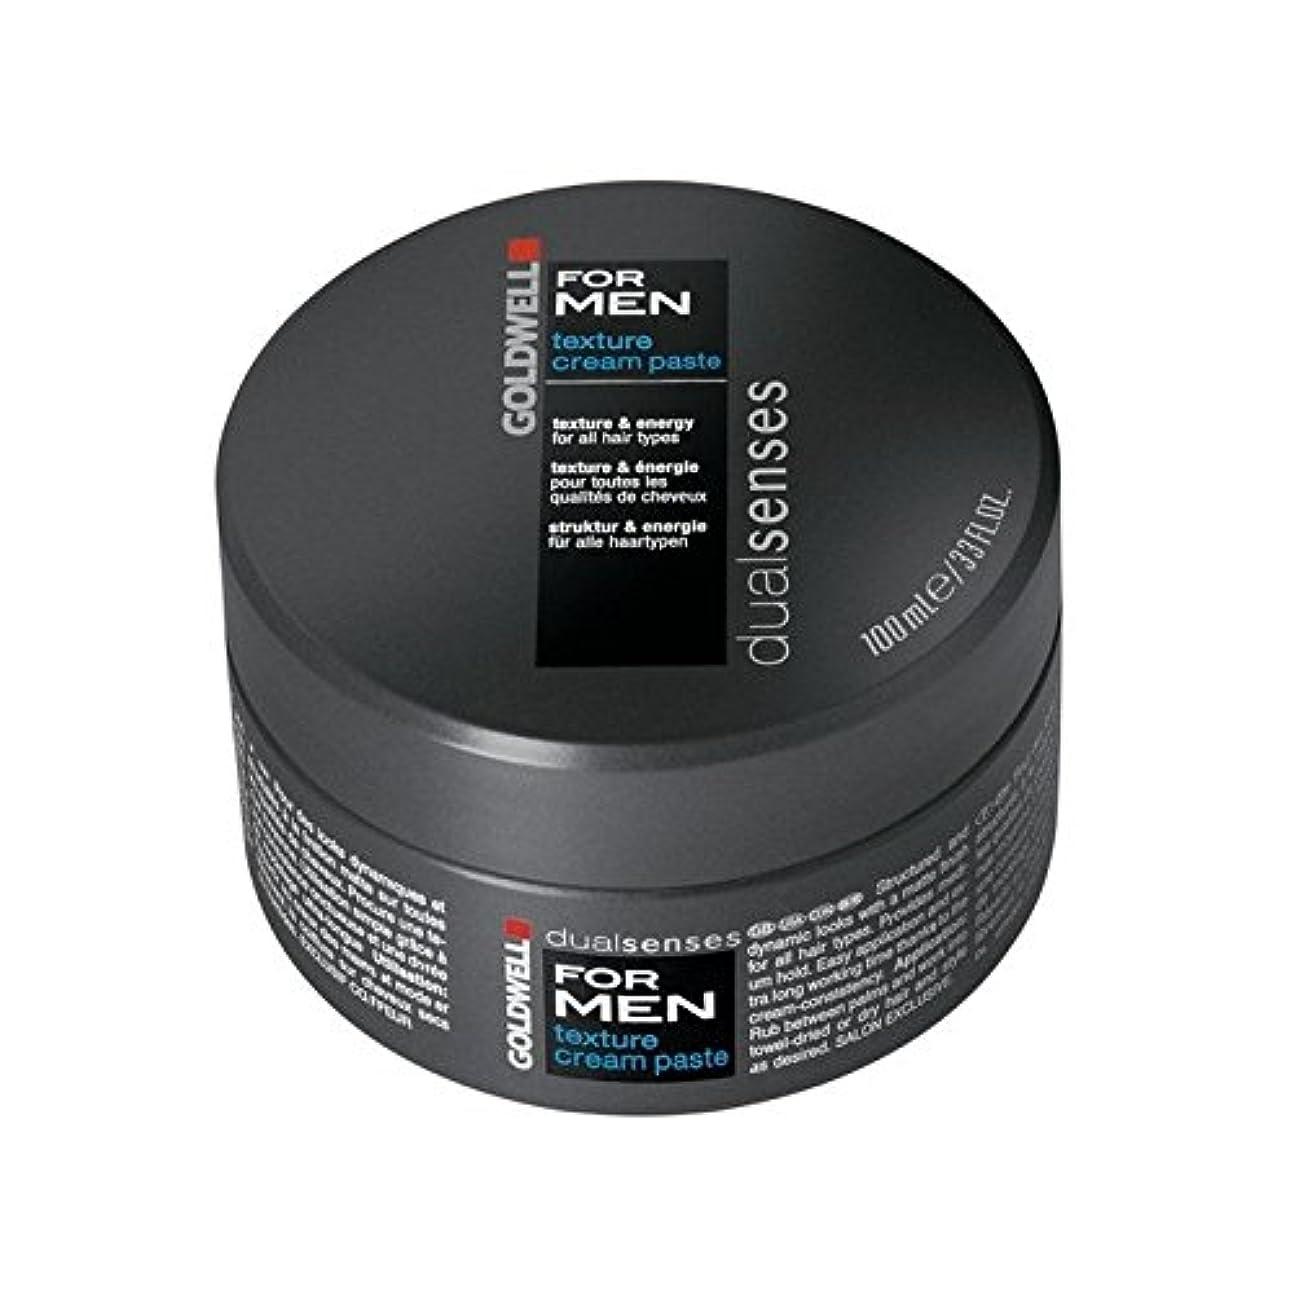 レッスン謝る腹部男性のテクスチャーのクリームペースト(100ミリリットル)のためのの x4 - Goldwell Dualsenses For Men Texture Cream Paste (100ml) (Pack of 4) [並行輸入品]